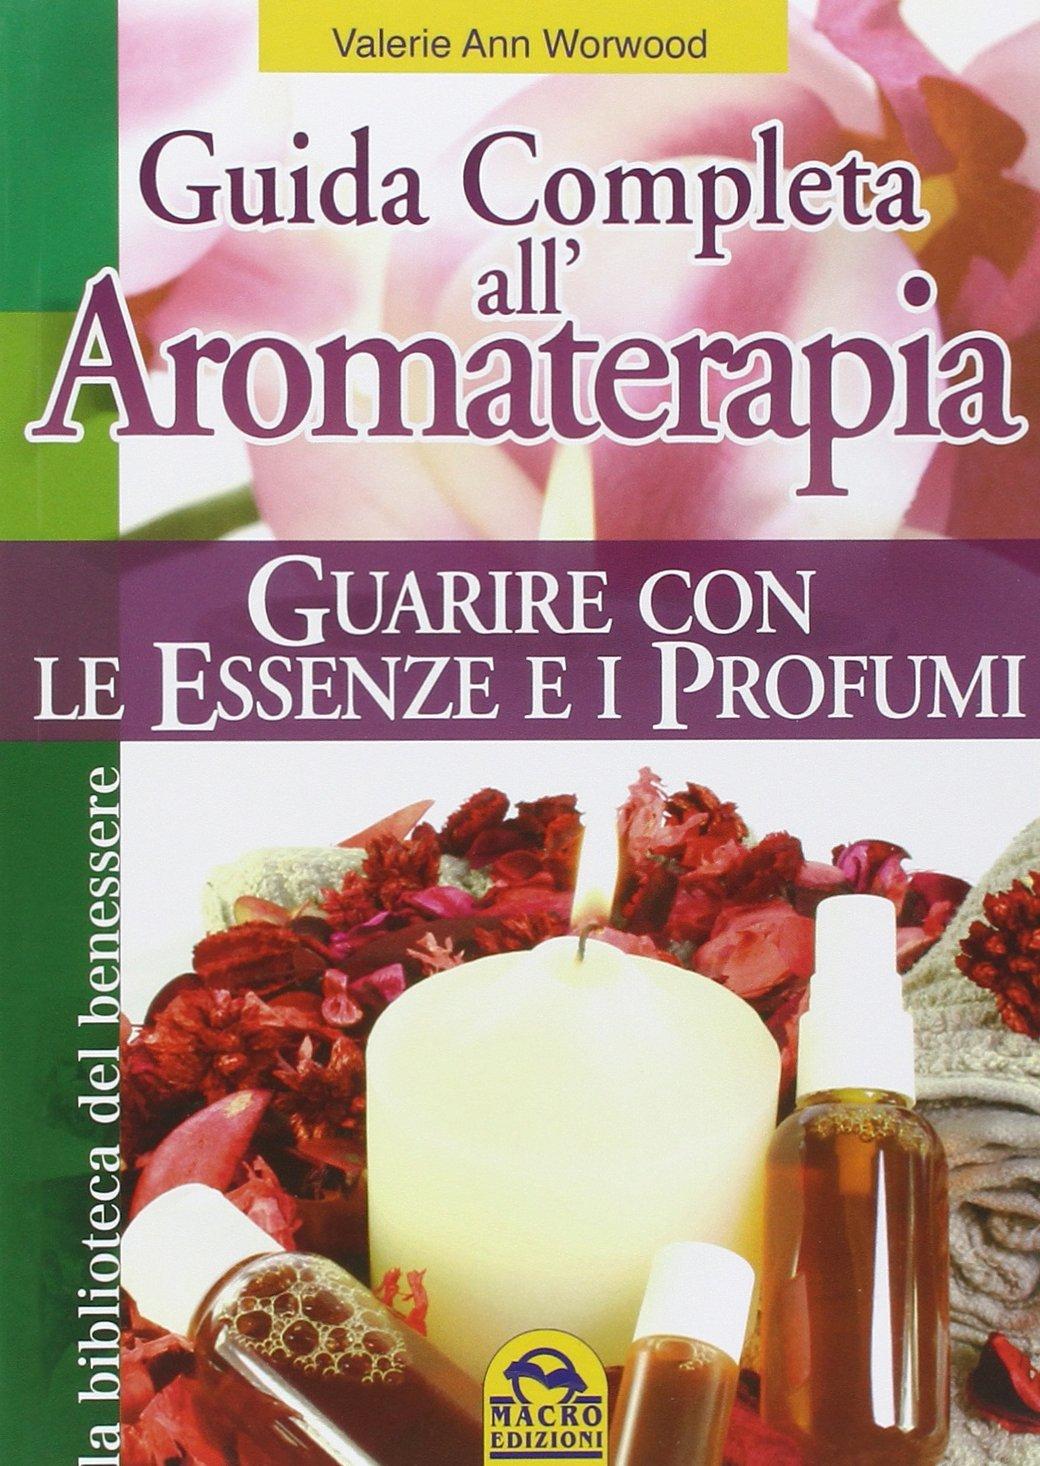 guida-completa-all-aromaterapia